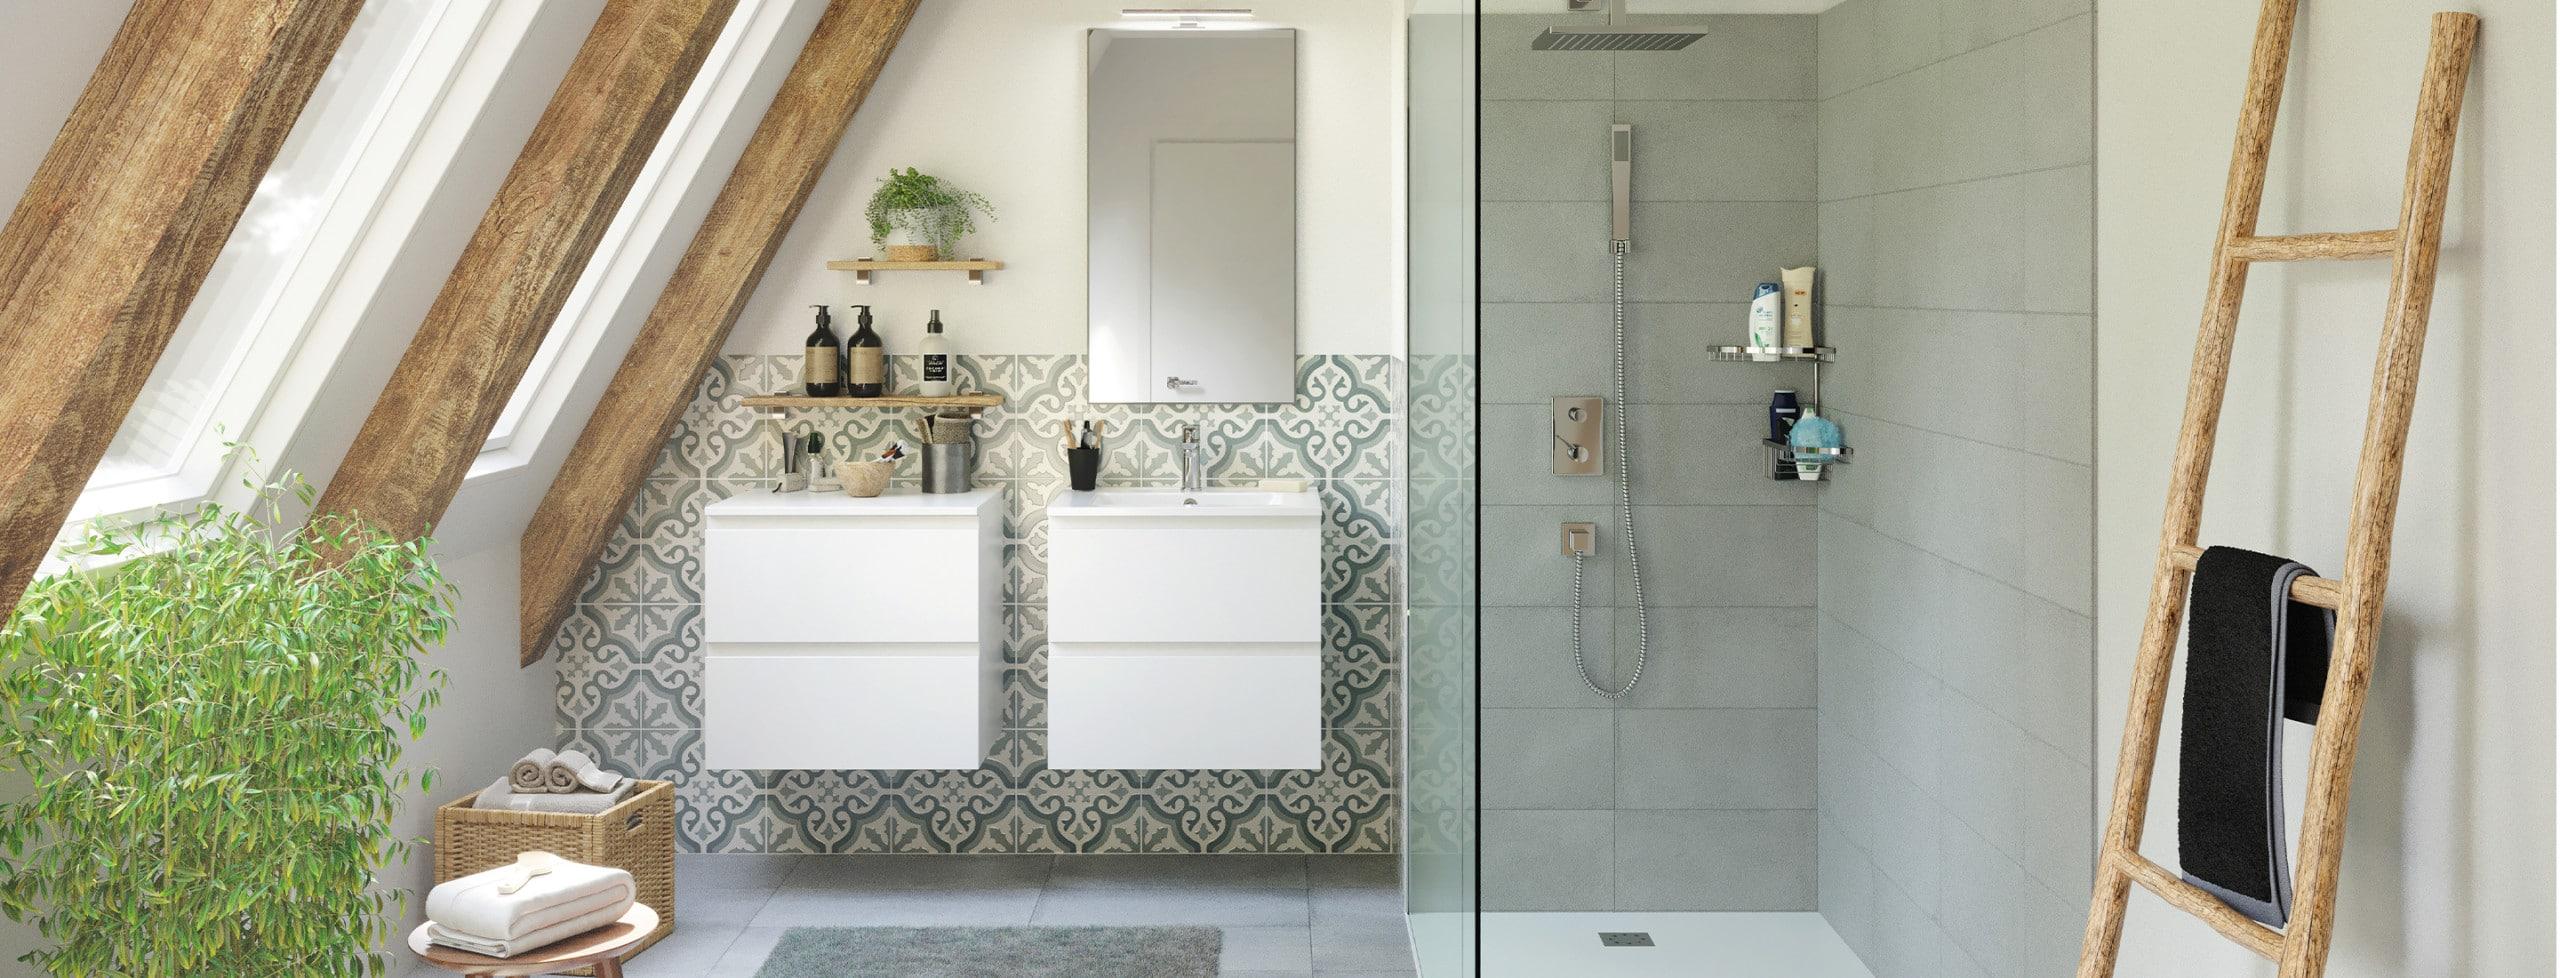 salle de bain blanche discac